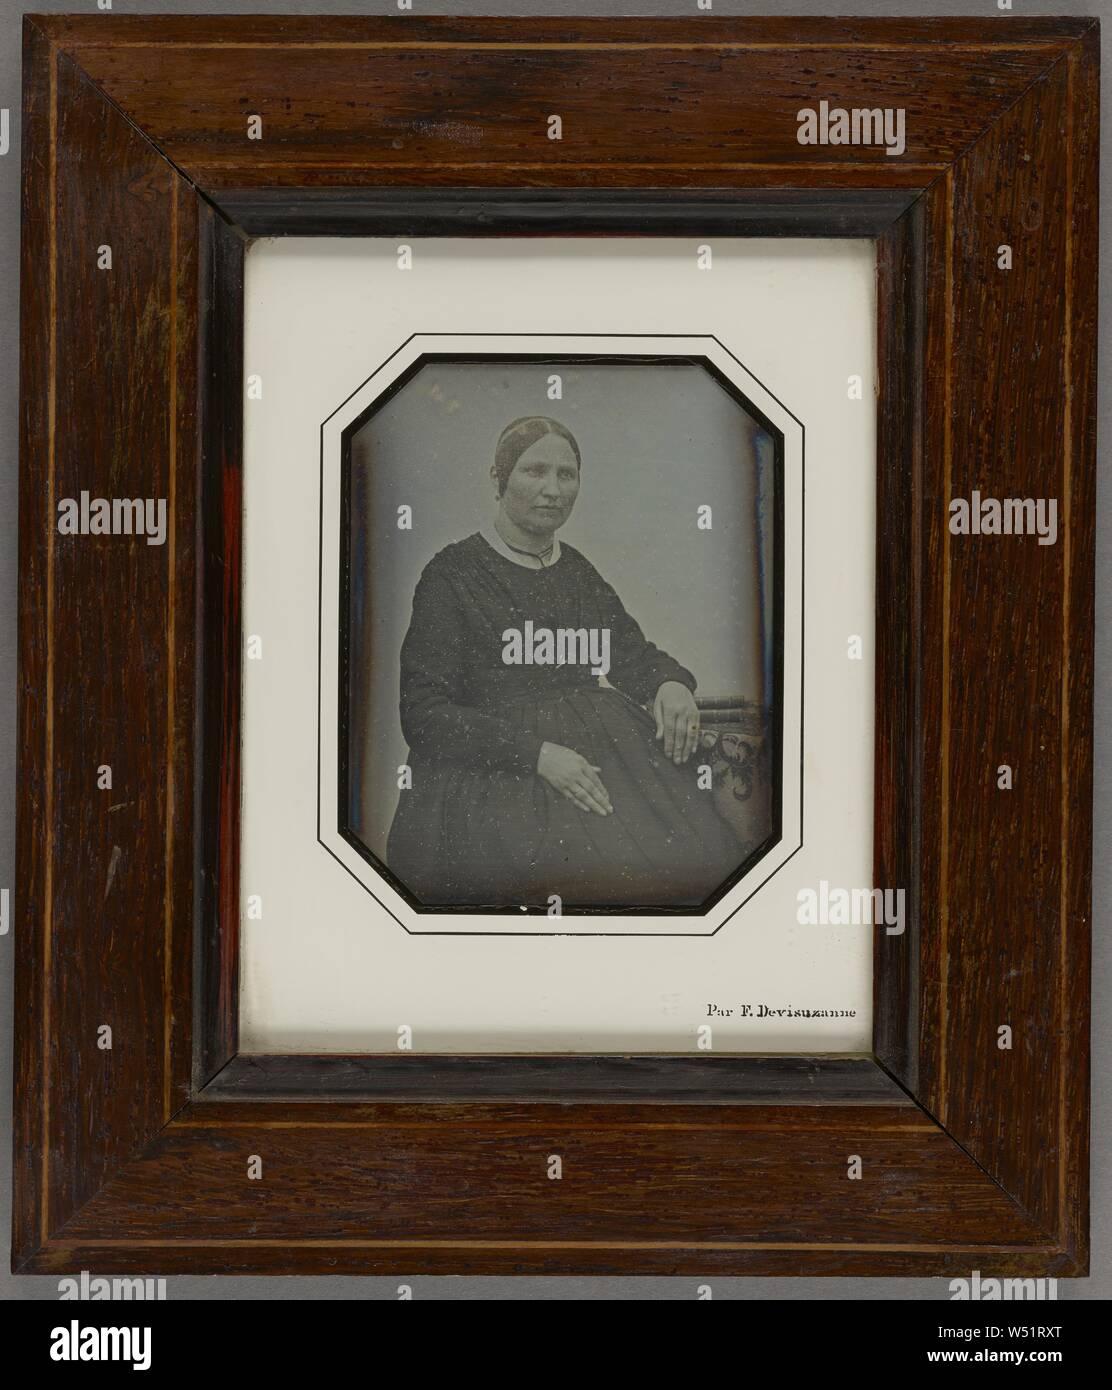 Portrait of Jenny Fontane, Félix Devisuzanne (French, born 1809), June 19, 1846, Daguerreotype Stock Photo